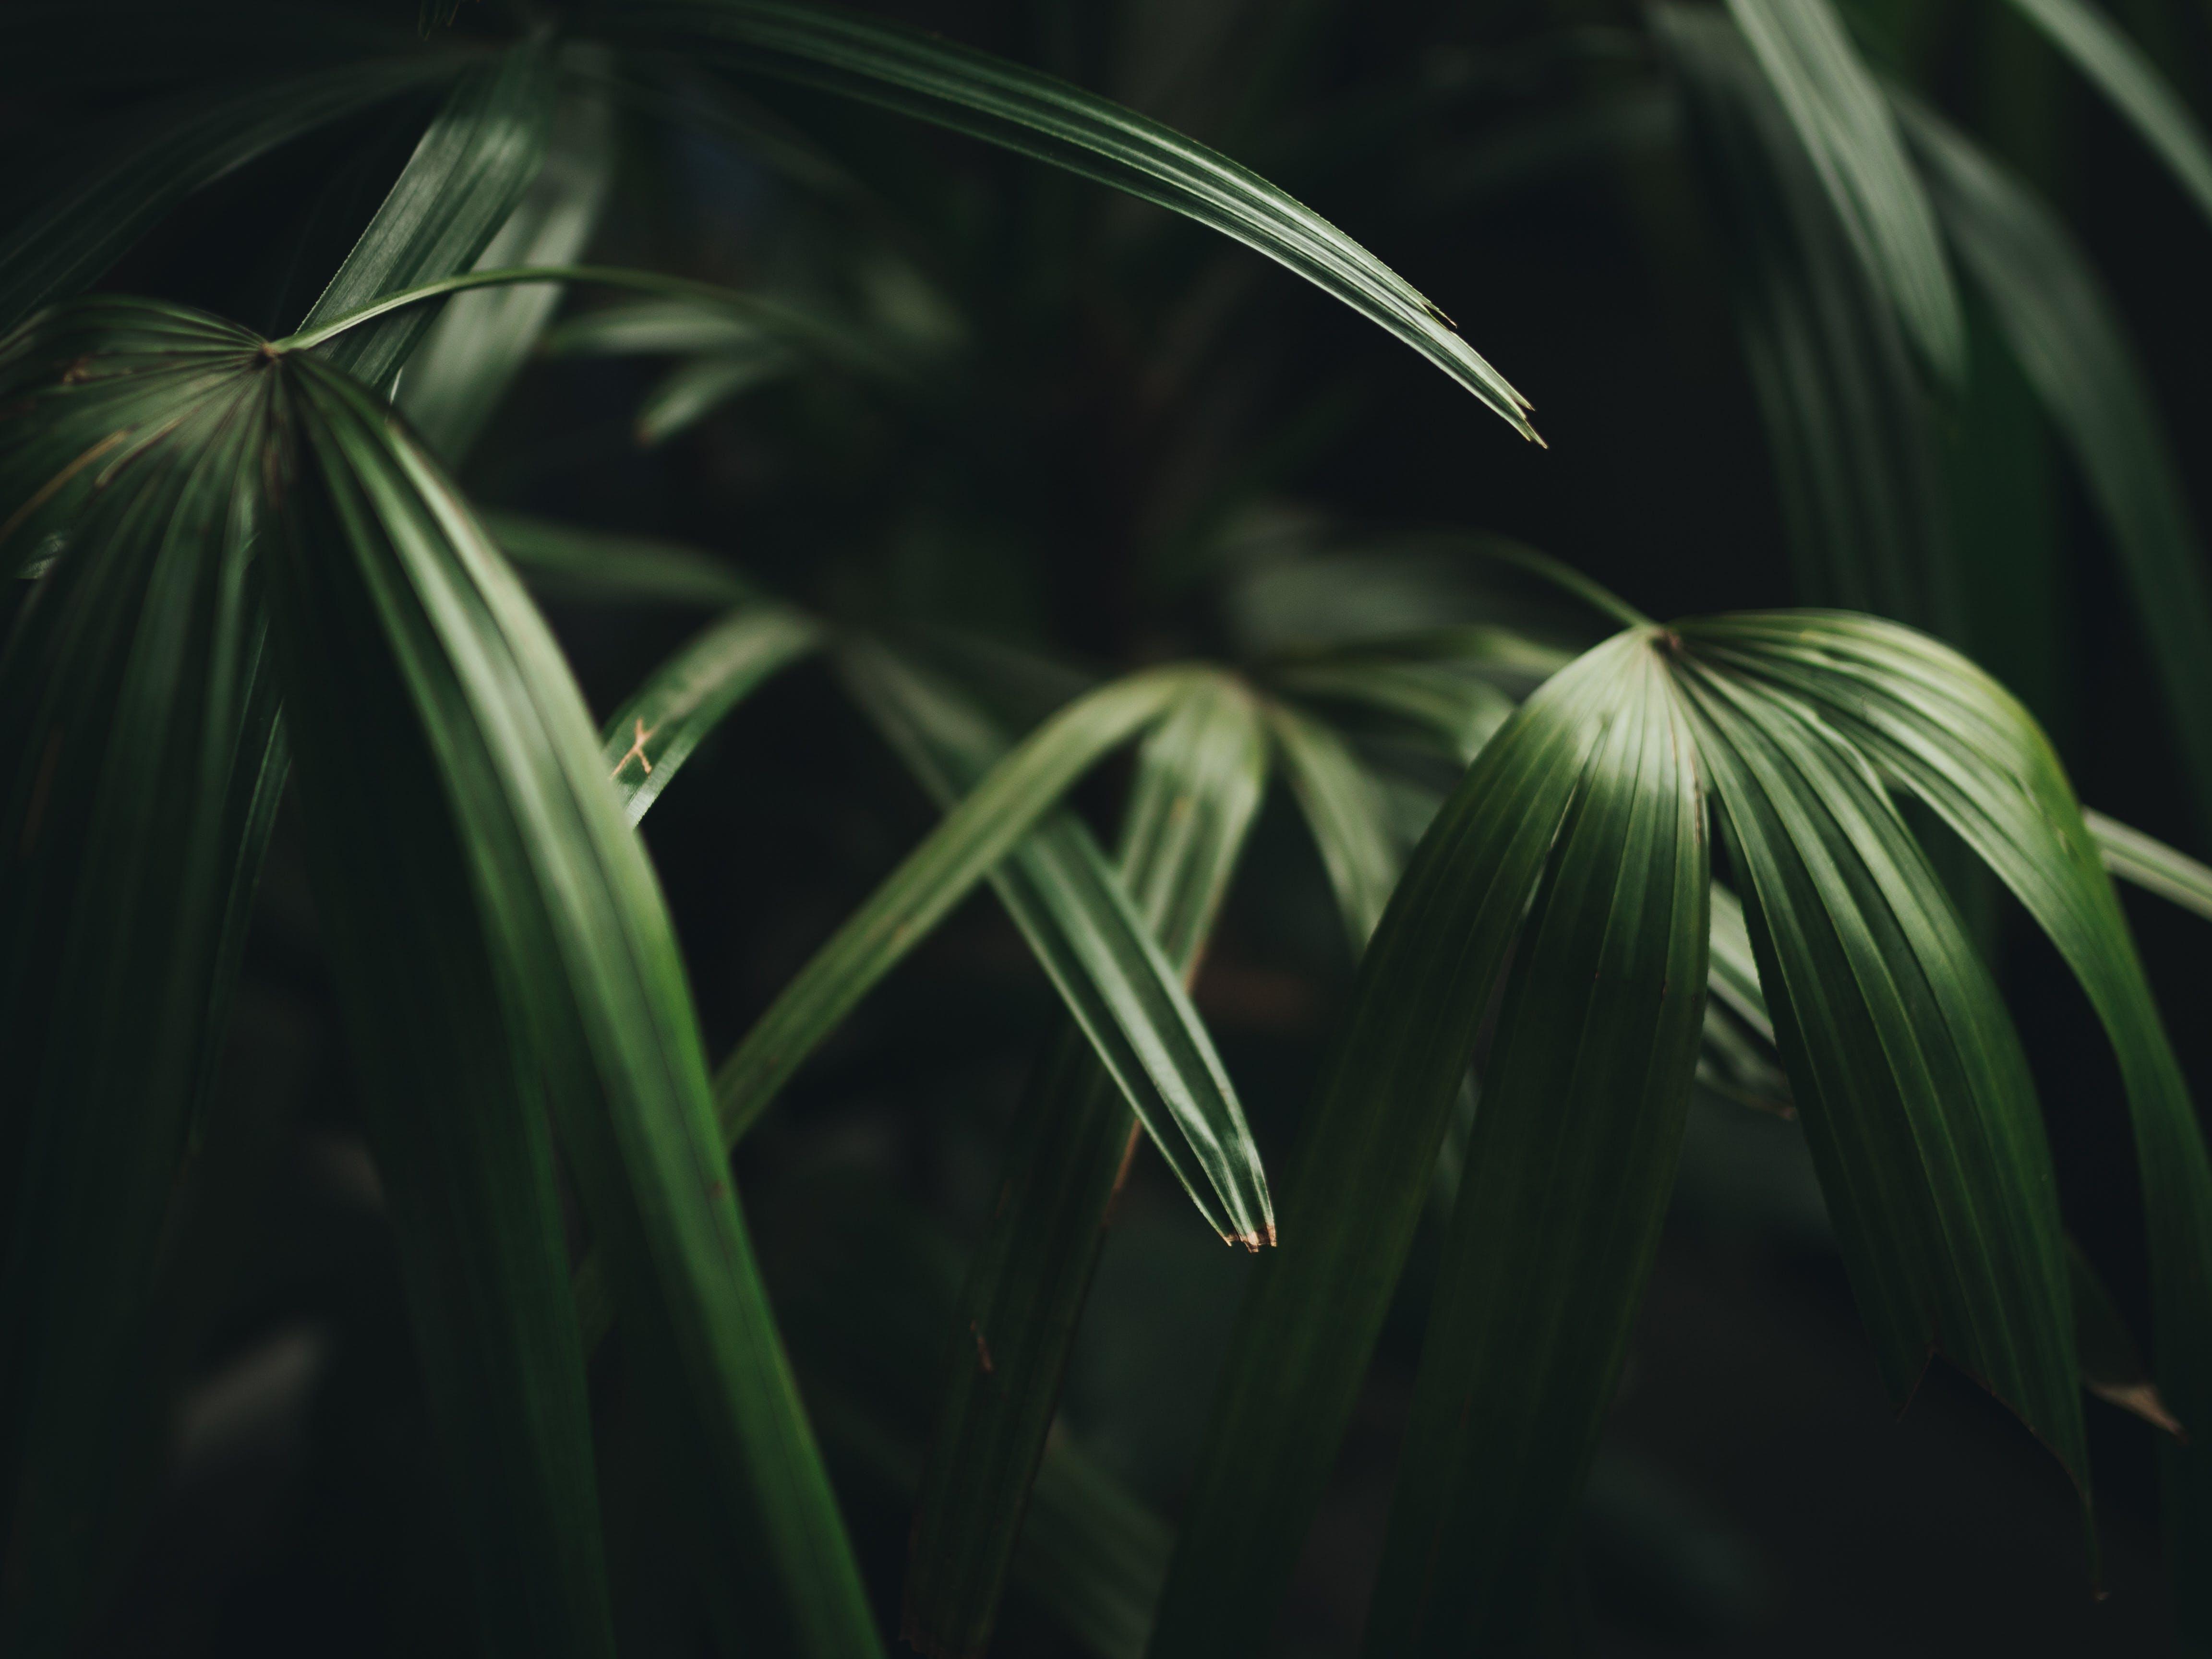 ボタニカル, 園芸植物, 屋外, 庭園の無料の写真素材